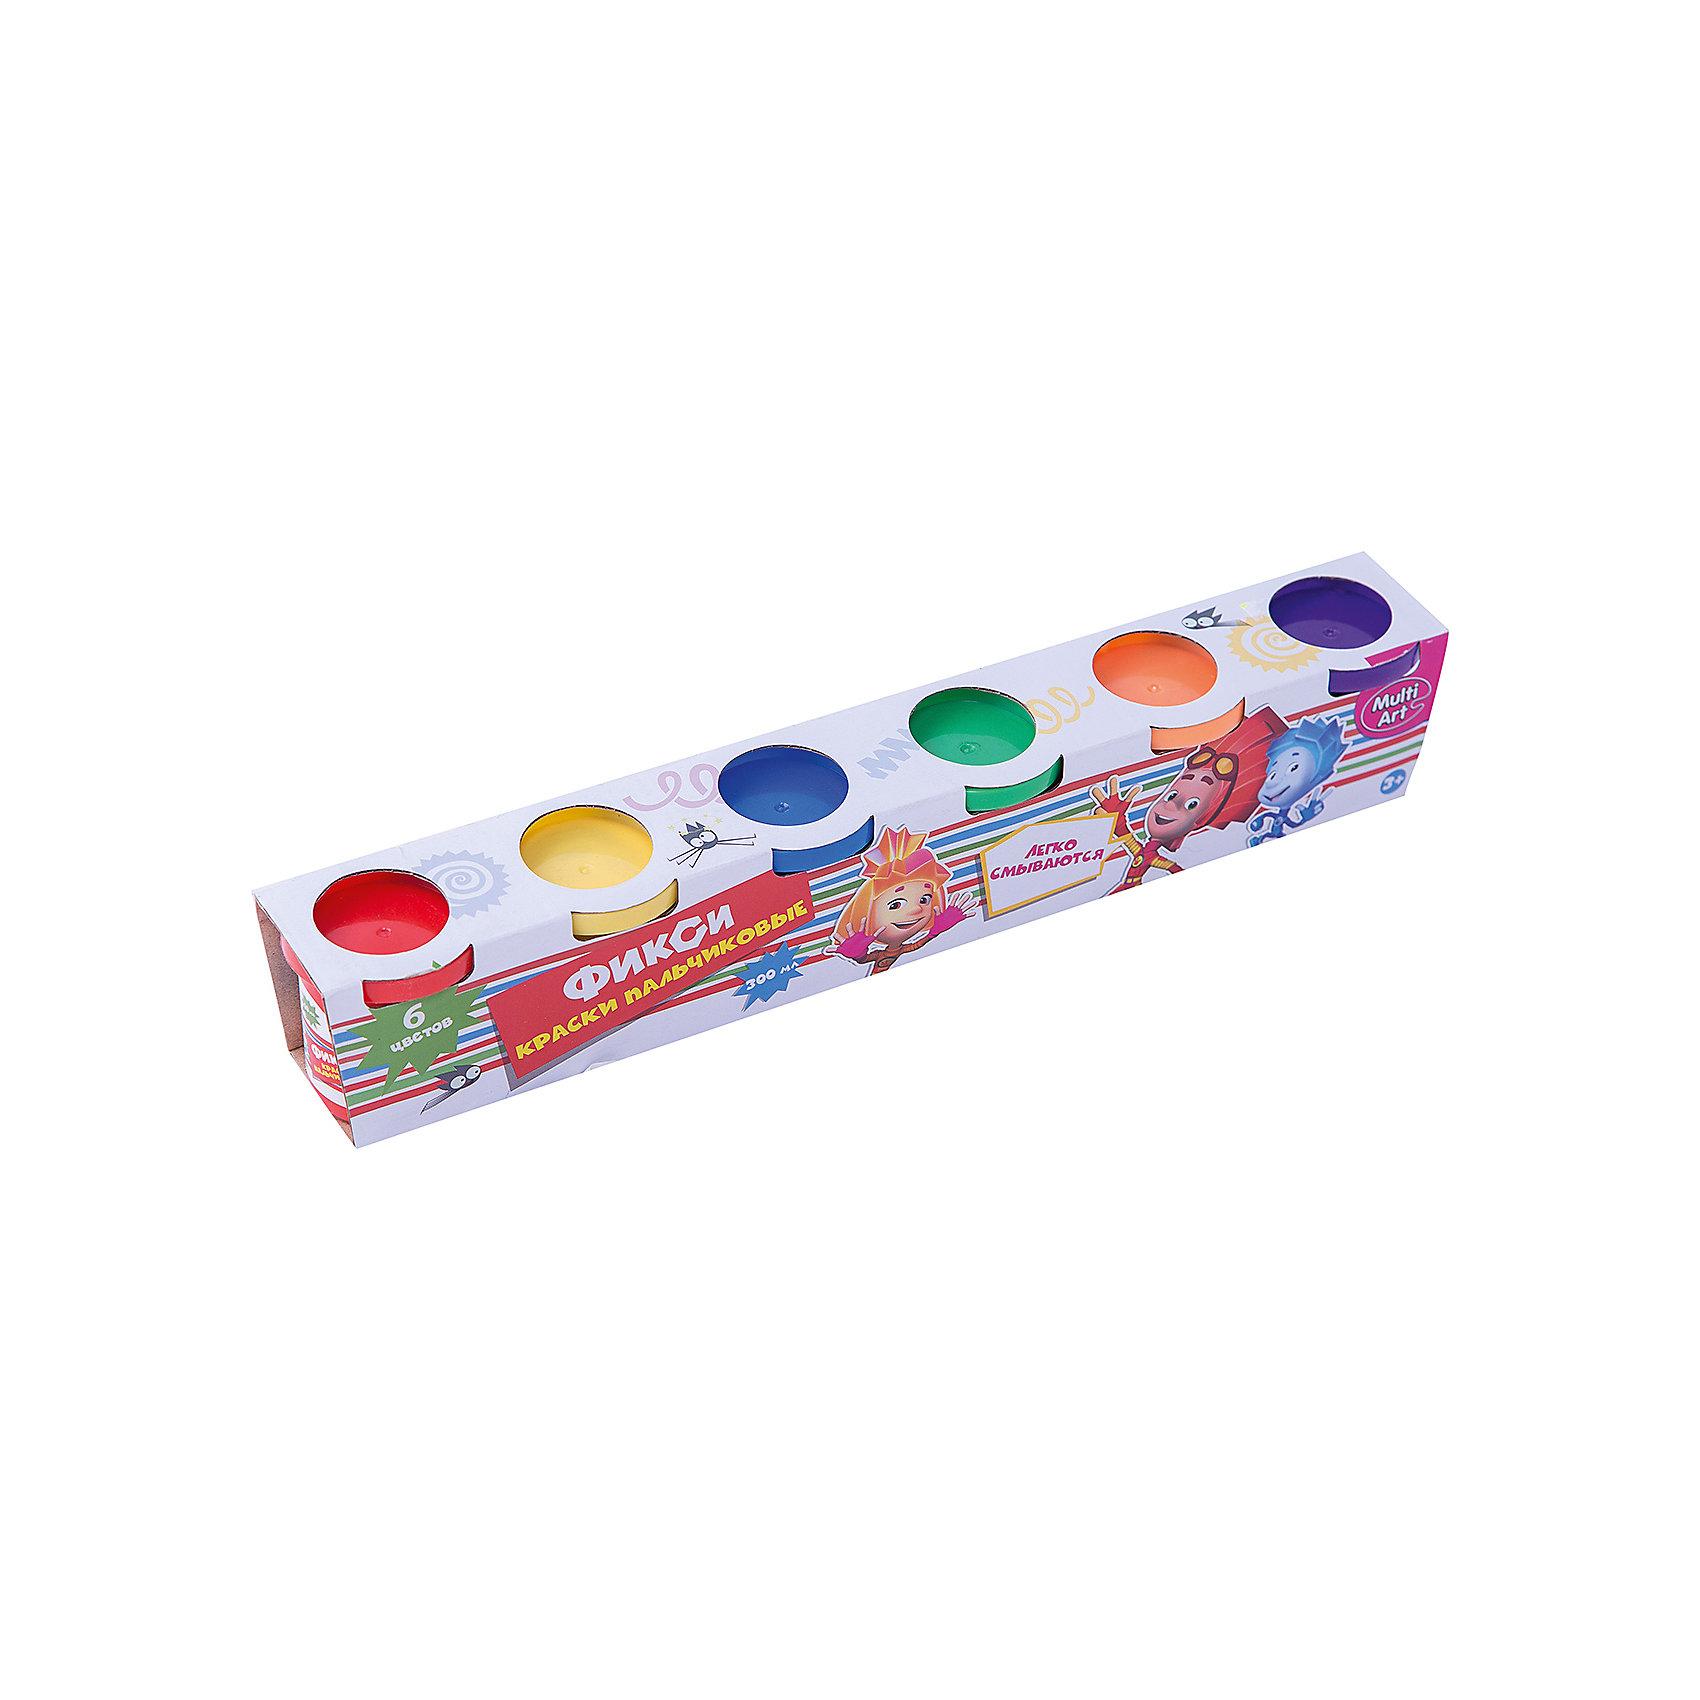 Пальчиковые краски ФиксикиПальчиковые краски Multiart Фиксики  6 цветов в баночках. Легко смываются.<br><br>Ширина мм: 50<br>Глубина мм: 60<br>Высота мм: 330<br>Вес г: 430<br>Возраст от месяцев: 36<br>Возраст до месяцев: 72<br>Пол: Унисекс<br>Возраст: Детский<br>SKU: 5196977